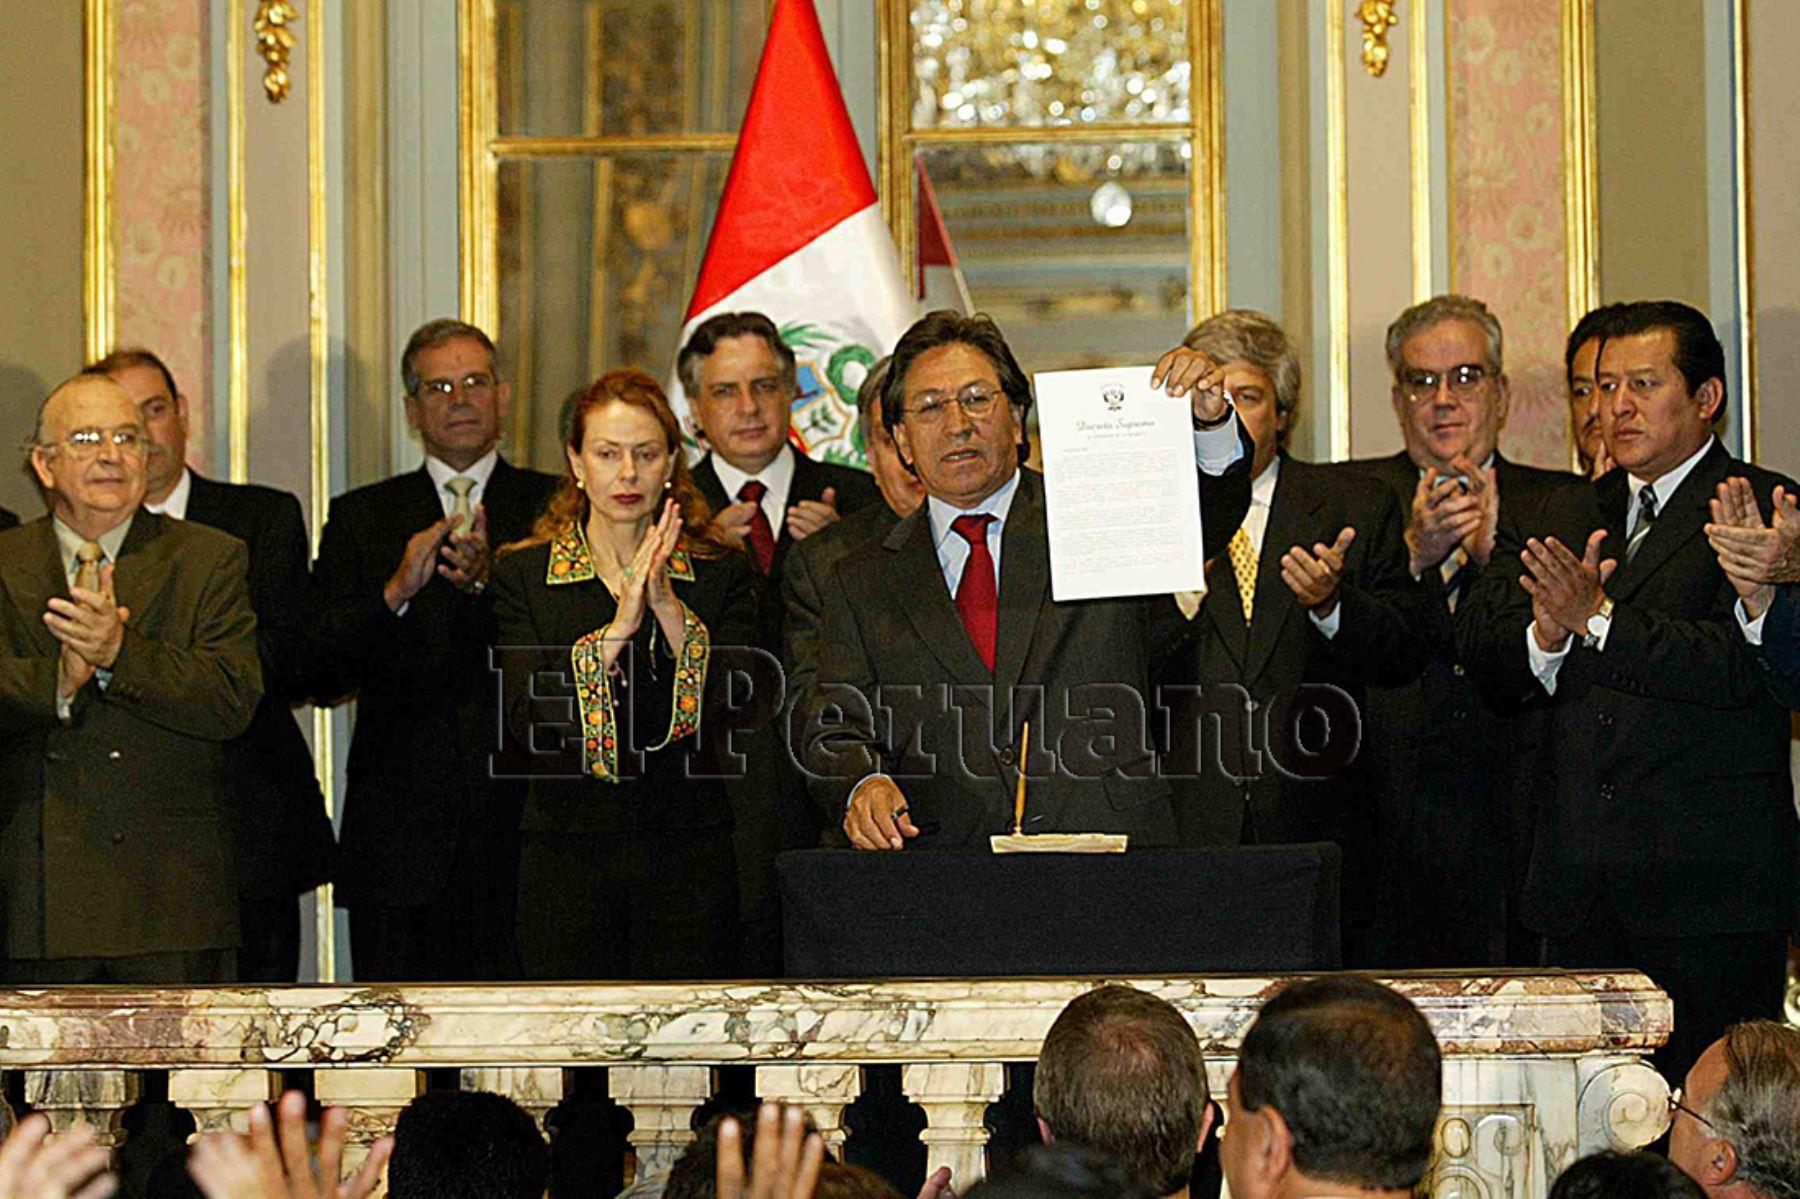 Lima - 4 agosto 2005 / El presidente Alejandro Toledo suscribió el contrato de conceción  de la carretera Interocéanica Sur que unirá el Perú con Brasil en una ceremonia en Palacio de Gobierno.  Foto: Archivo Diario Oficial El Peruano